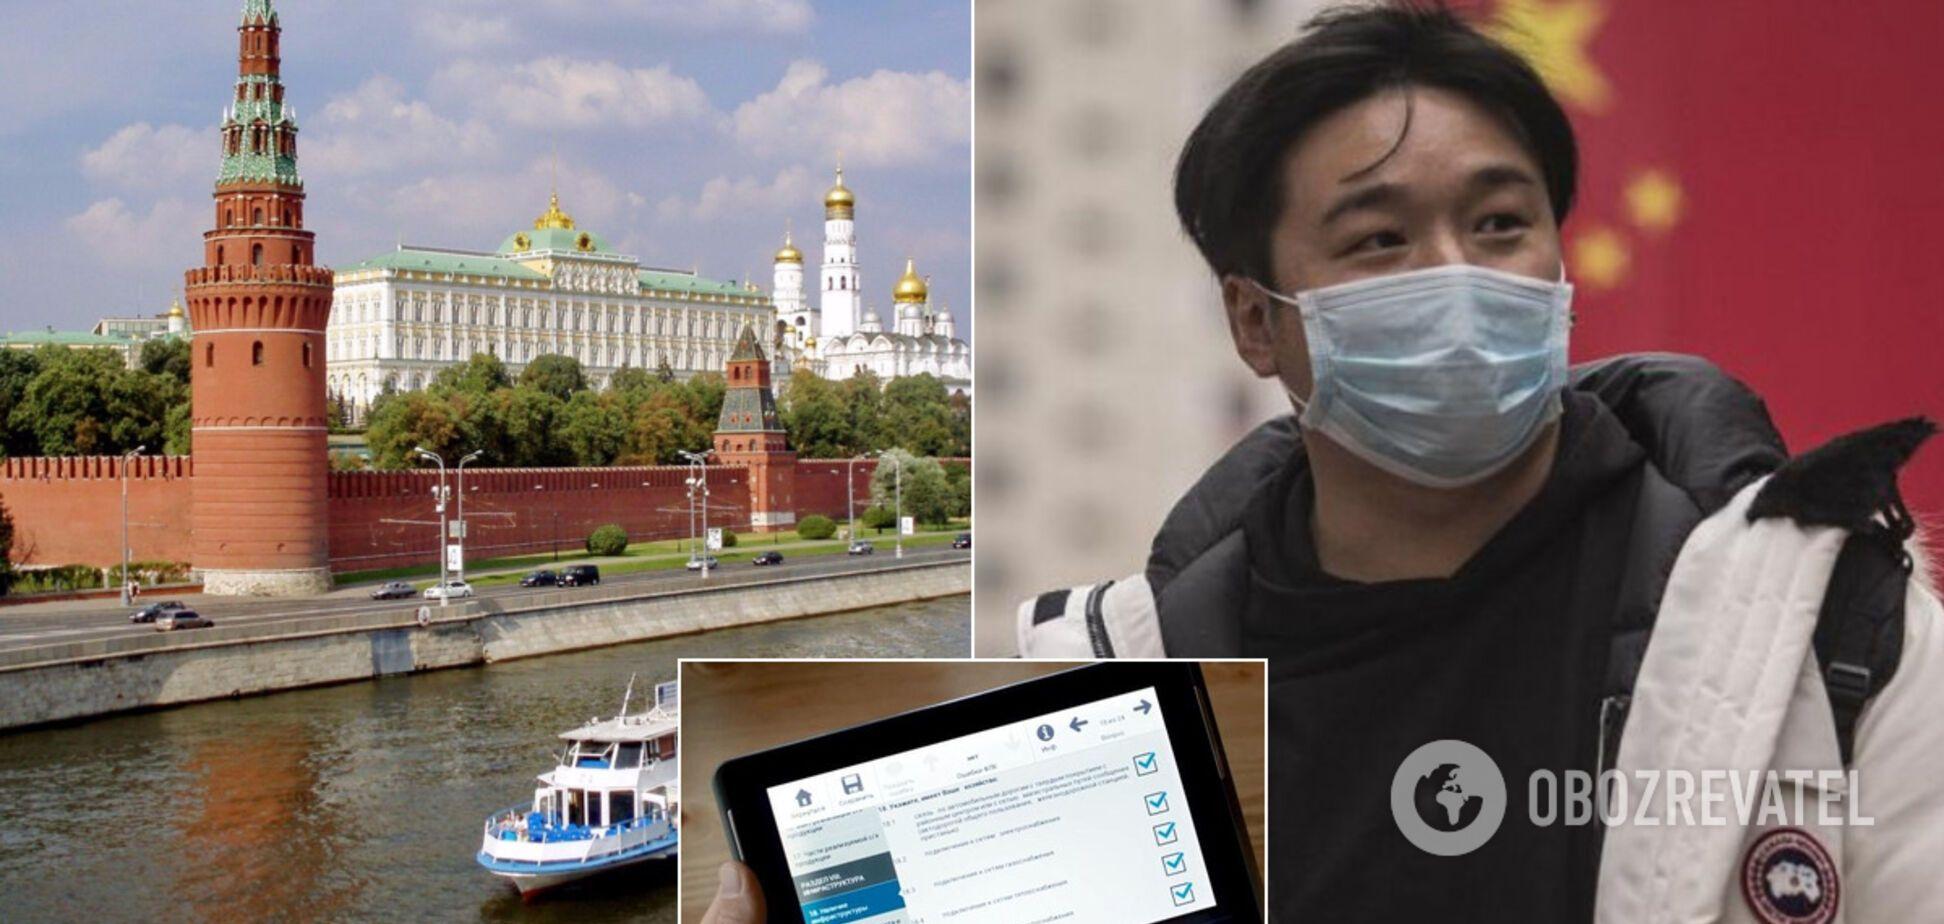 Не хватит планшетов: коронавирус поставил под угрозу перепись в России